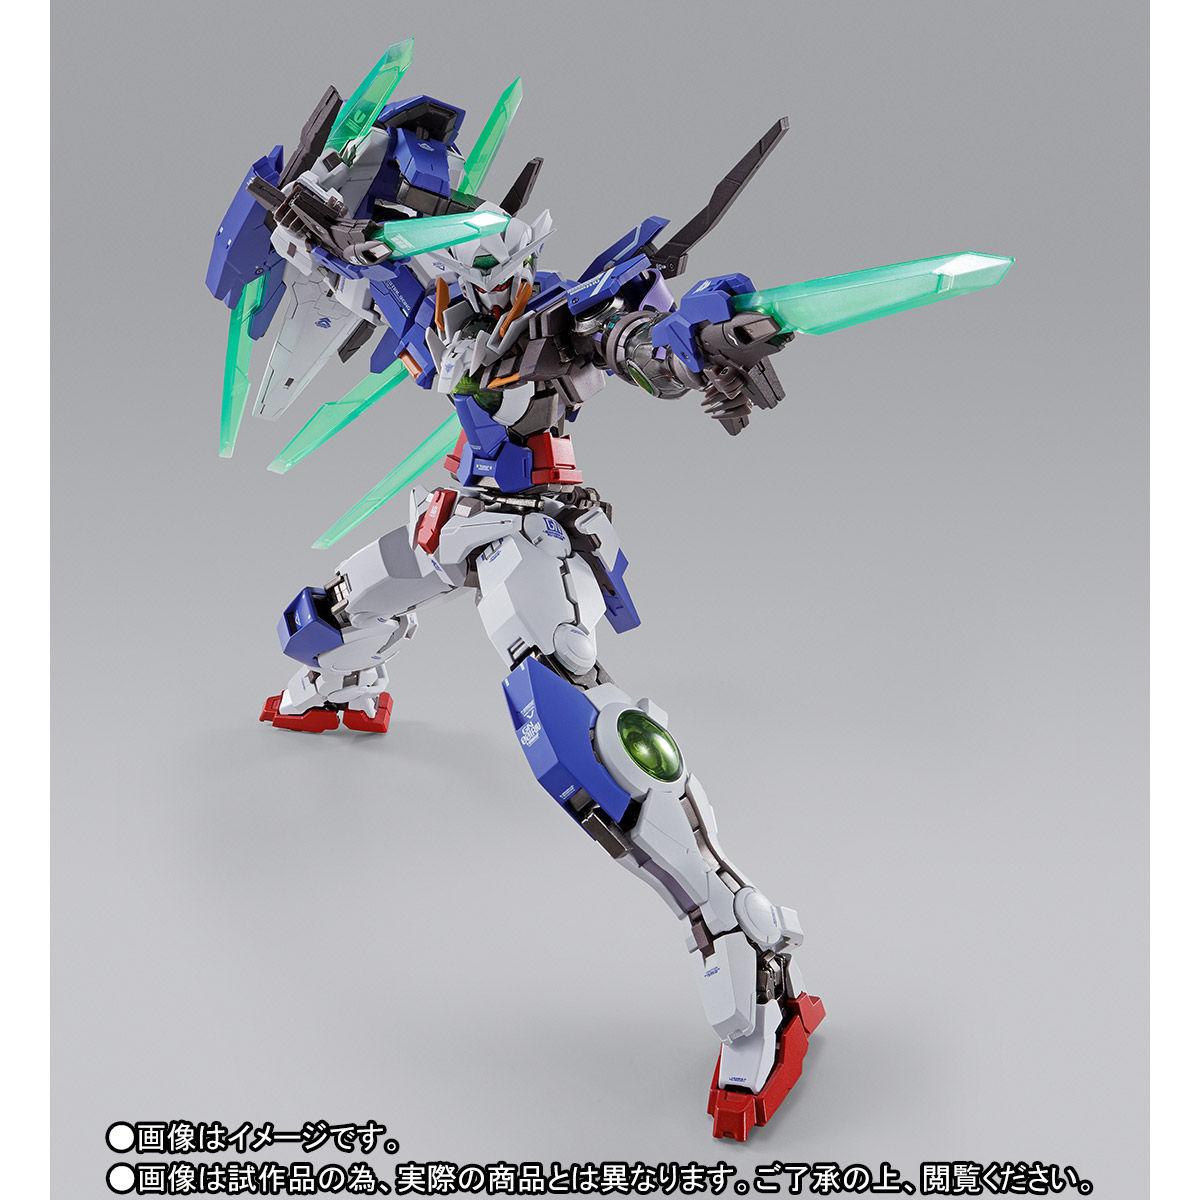 METAL BUILD『ガンダムエクシアリペアIV』機動戦士ガンダム00 可動フィギュア-009